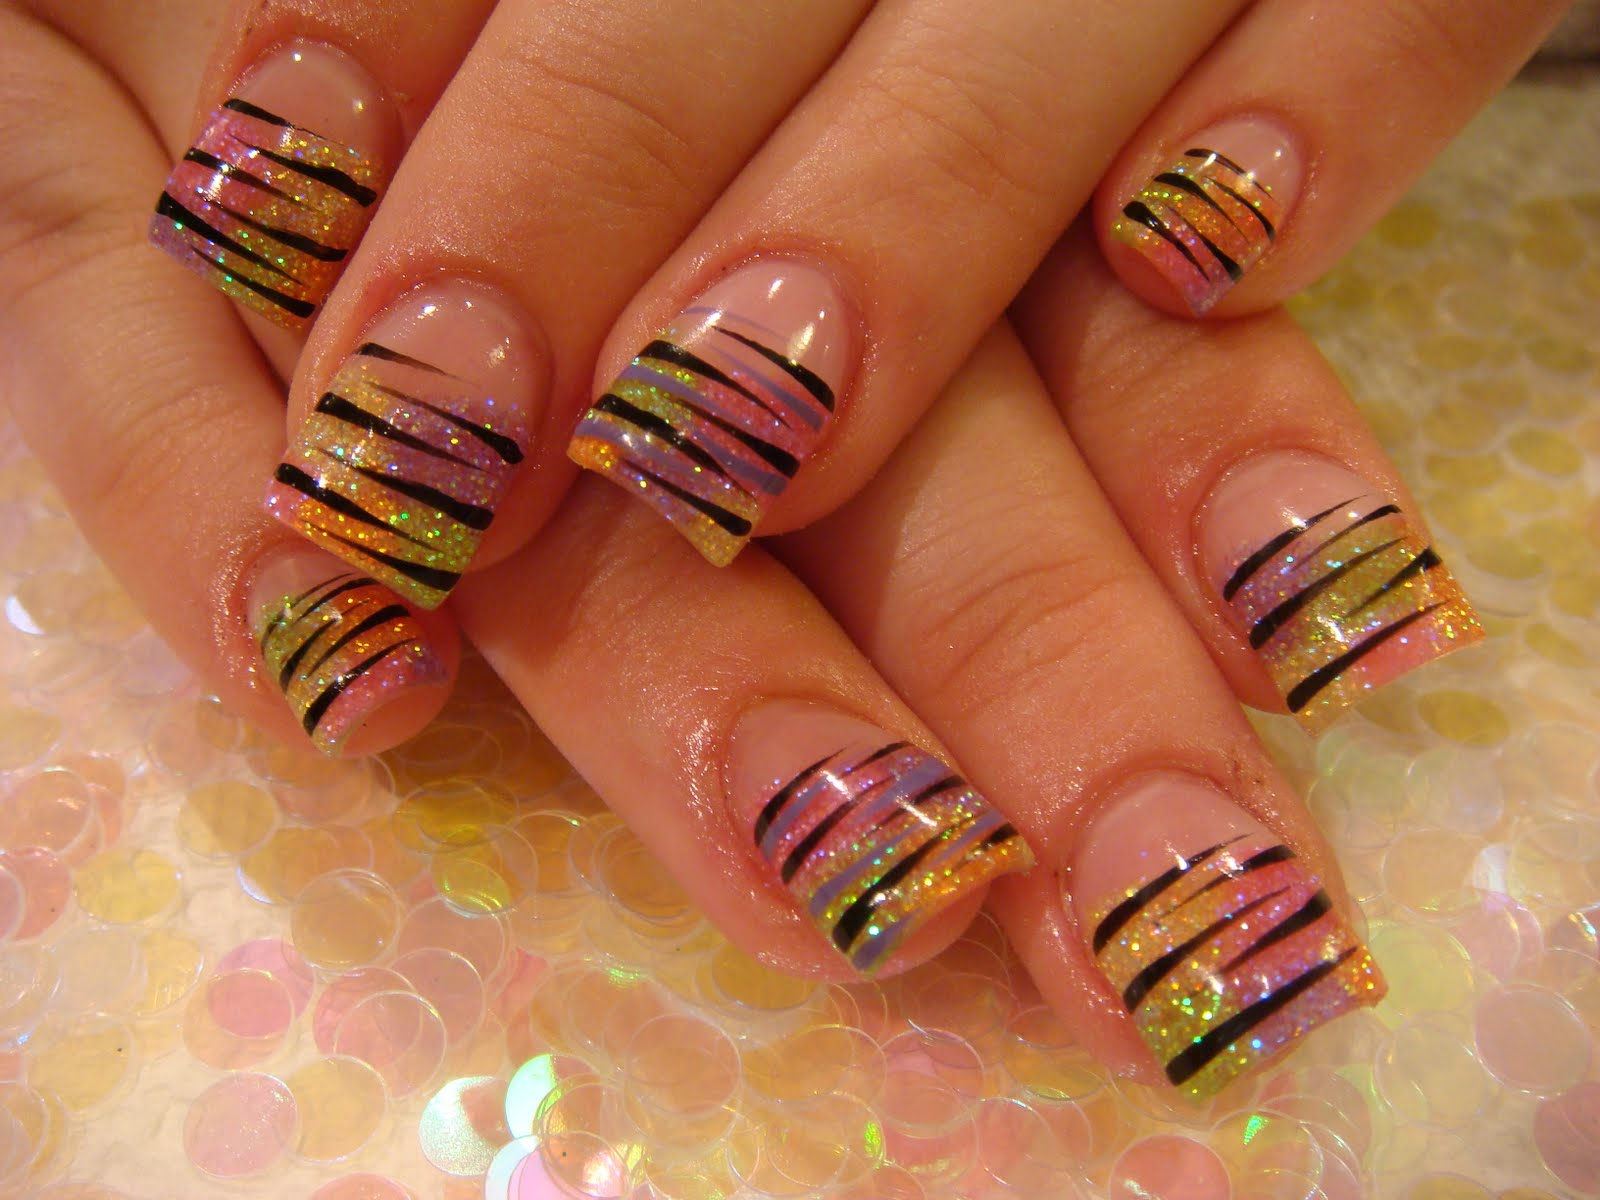 Beautiful Nail Art: FUN FUN FUN!